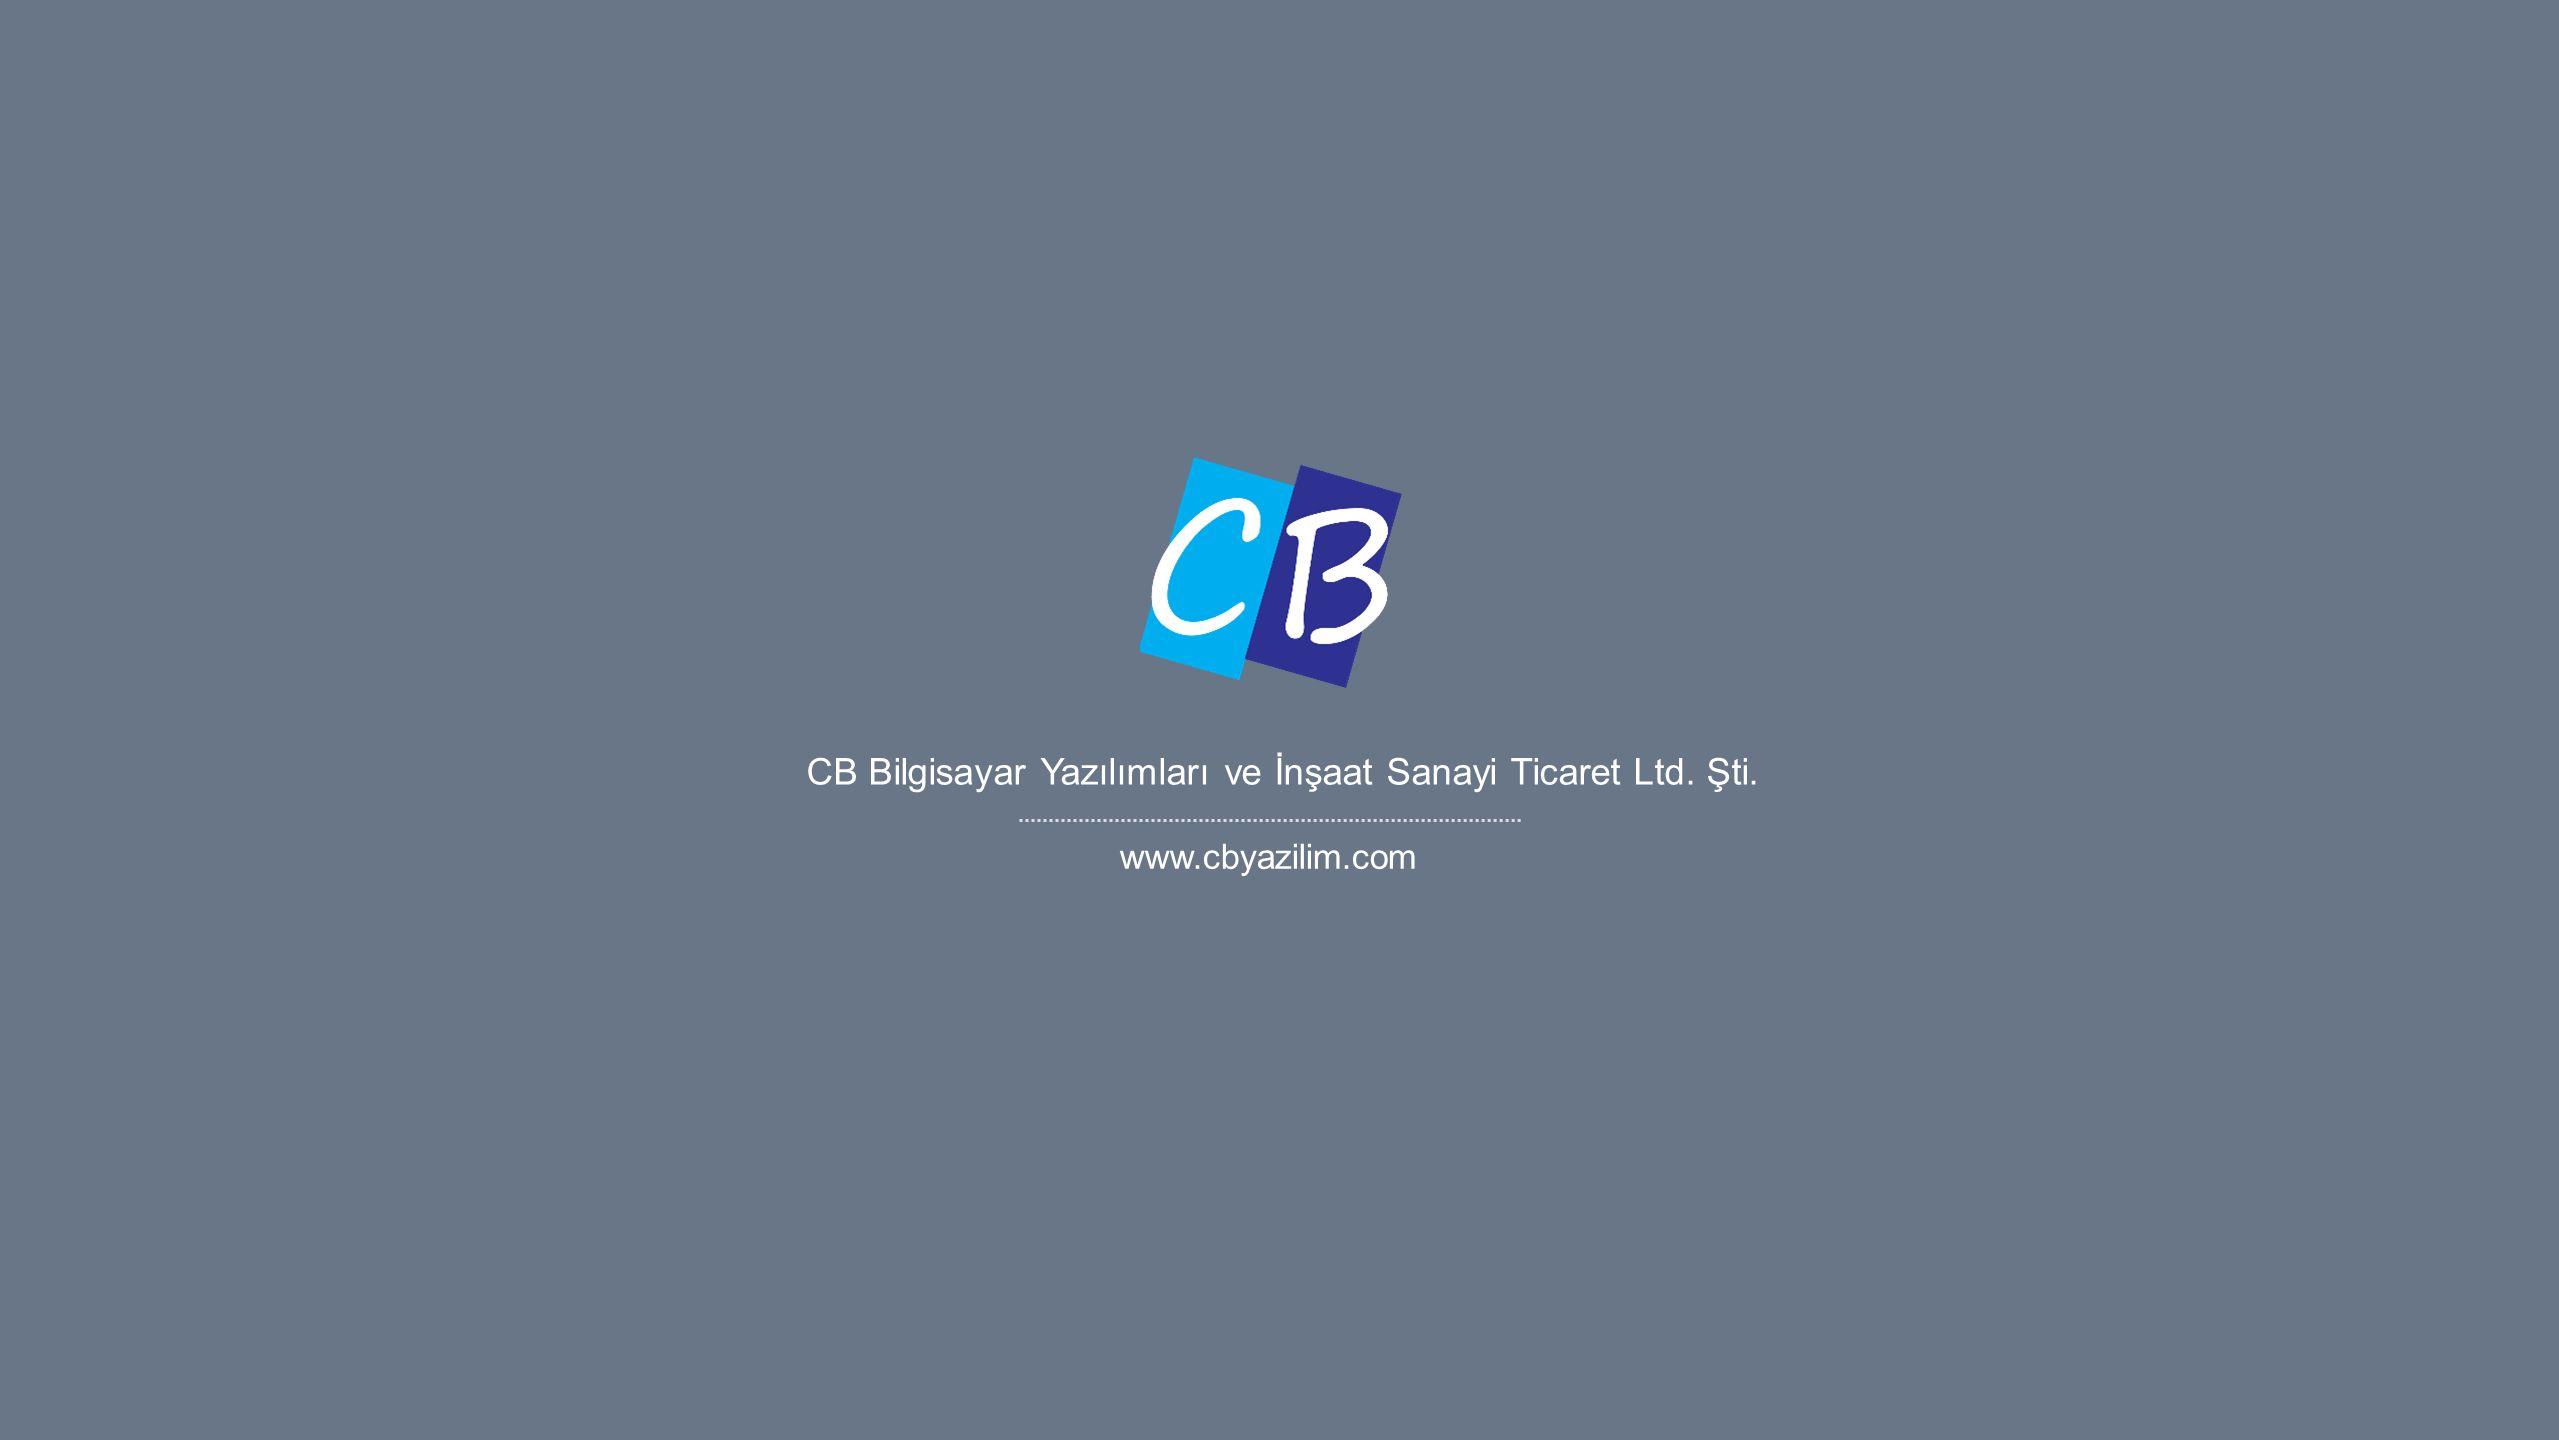 CB Bilgisayar Yazılımları ve İnşaat Sanayi Ticaret Ltd. Şti. www.cbyazilim.com